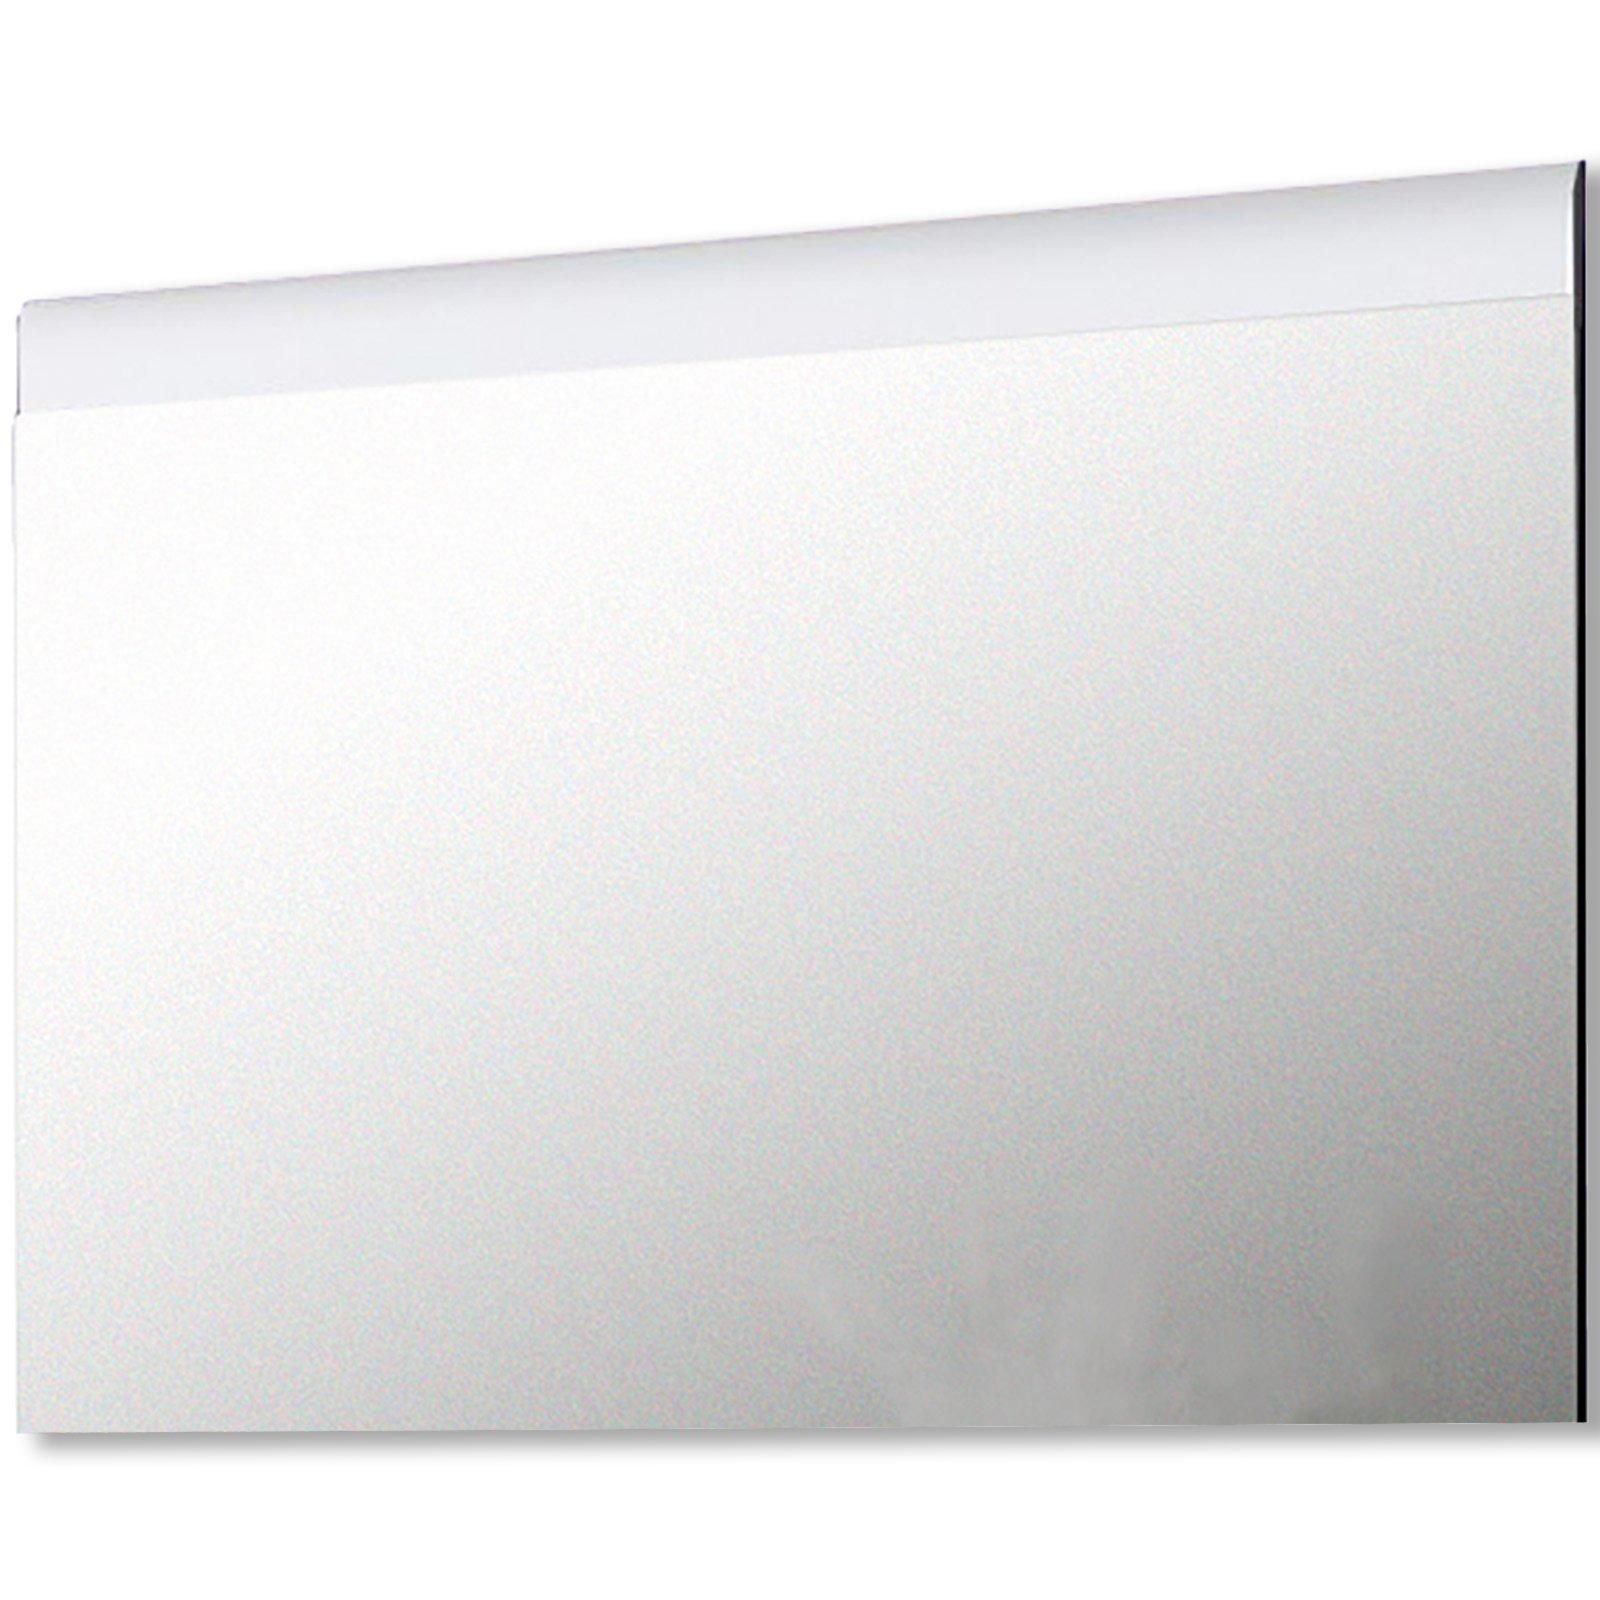 wandspiegel polar wei hochglanz 100 cm breite wandspiegel spiegel deko haushalt. Black Bedroom Furniture Sets. Home Design Ideas